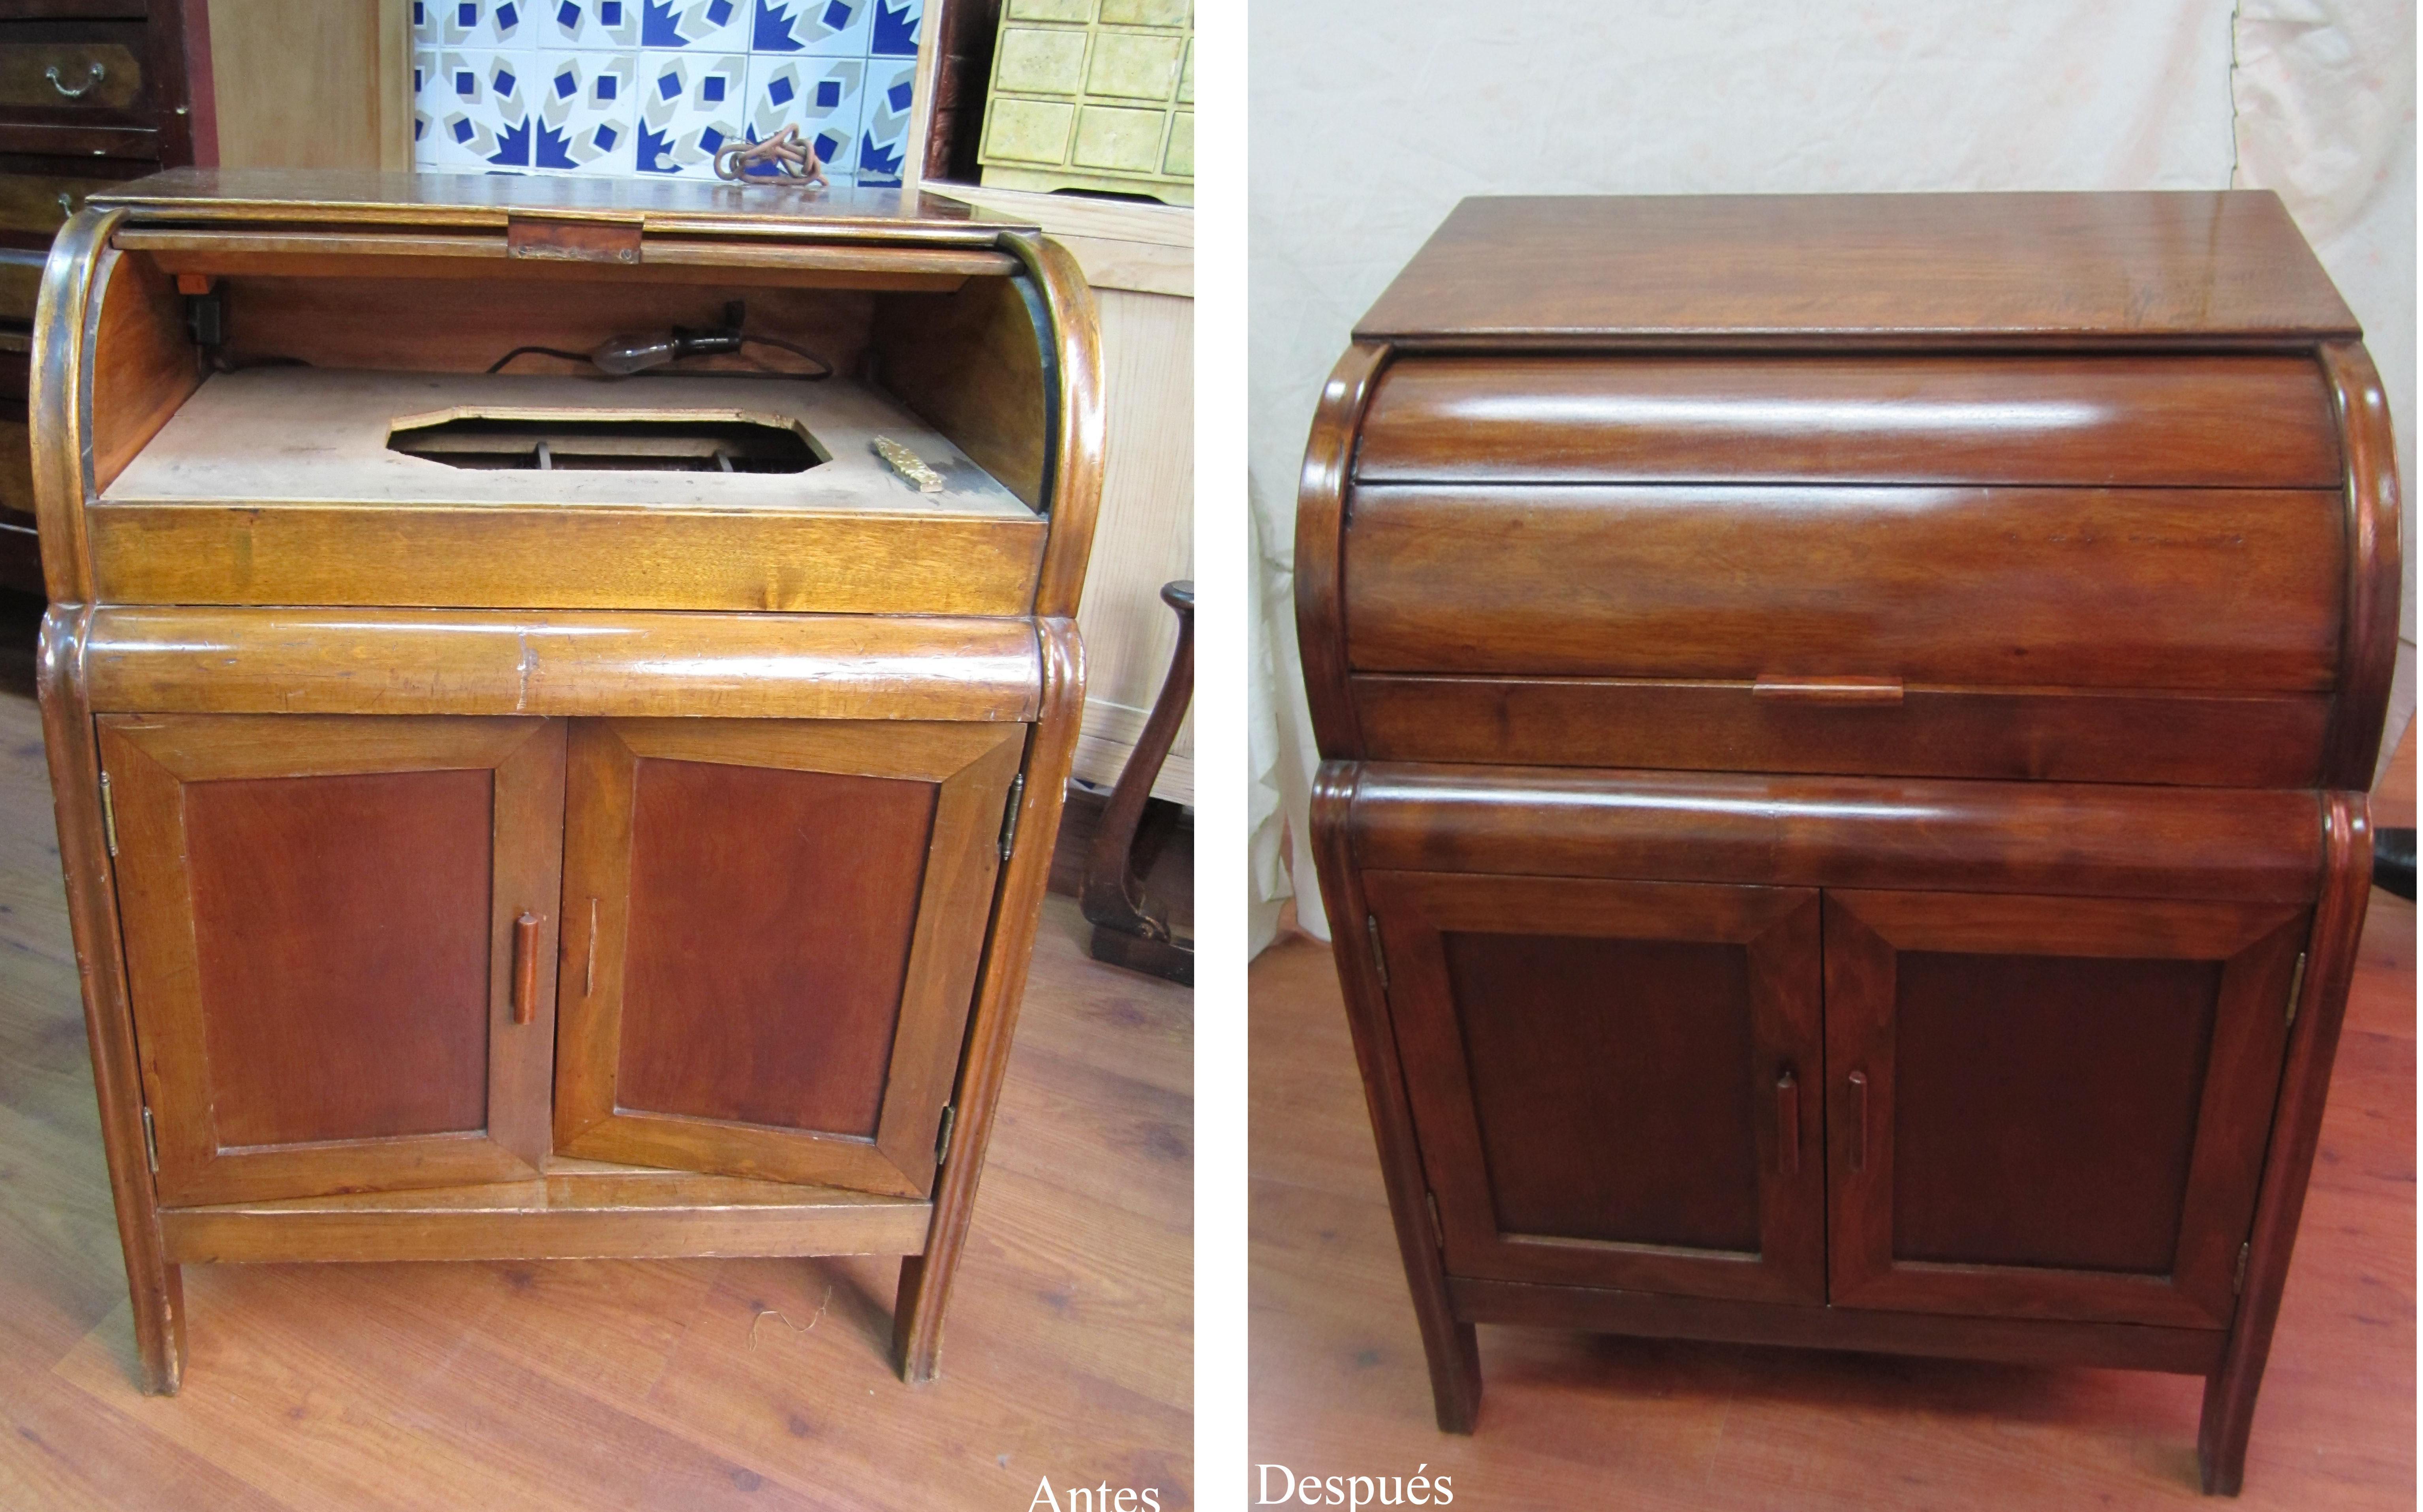 Foto 2 de restauraci n de muebles y antig edades en madrid - Restauracion de muebles de madera ...